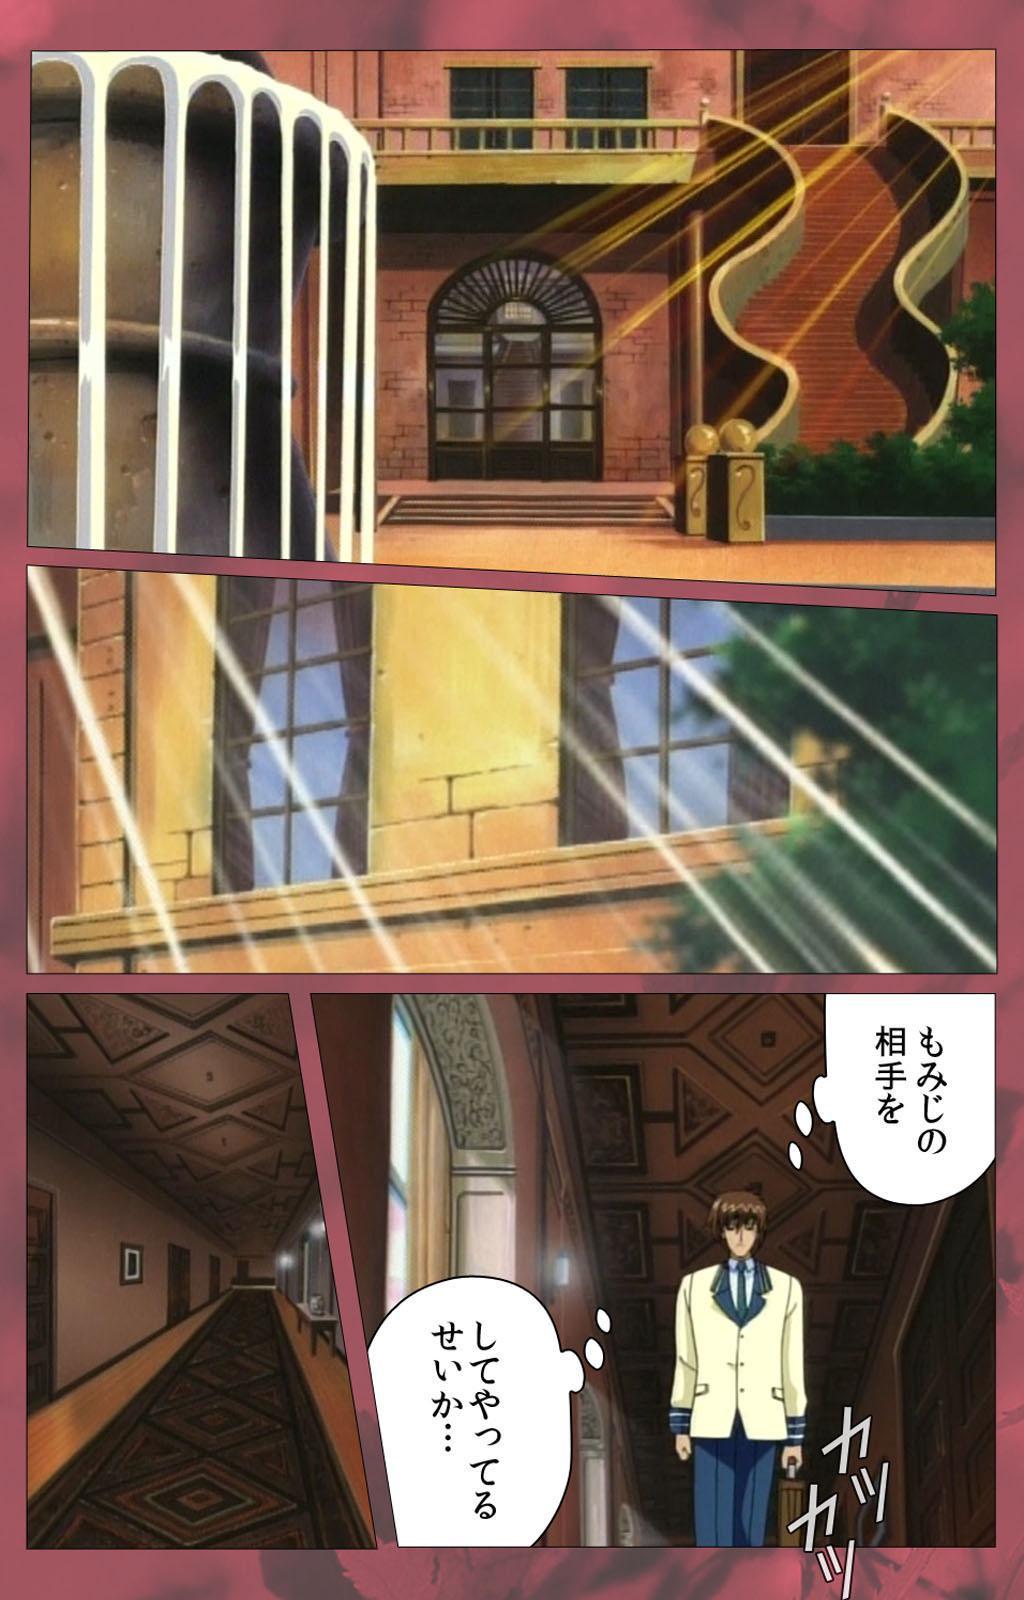 'watashi ningyo jaarimasen' kanzenhan 177